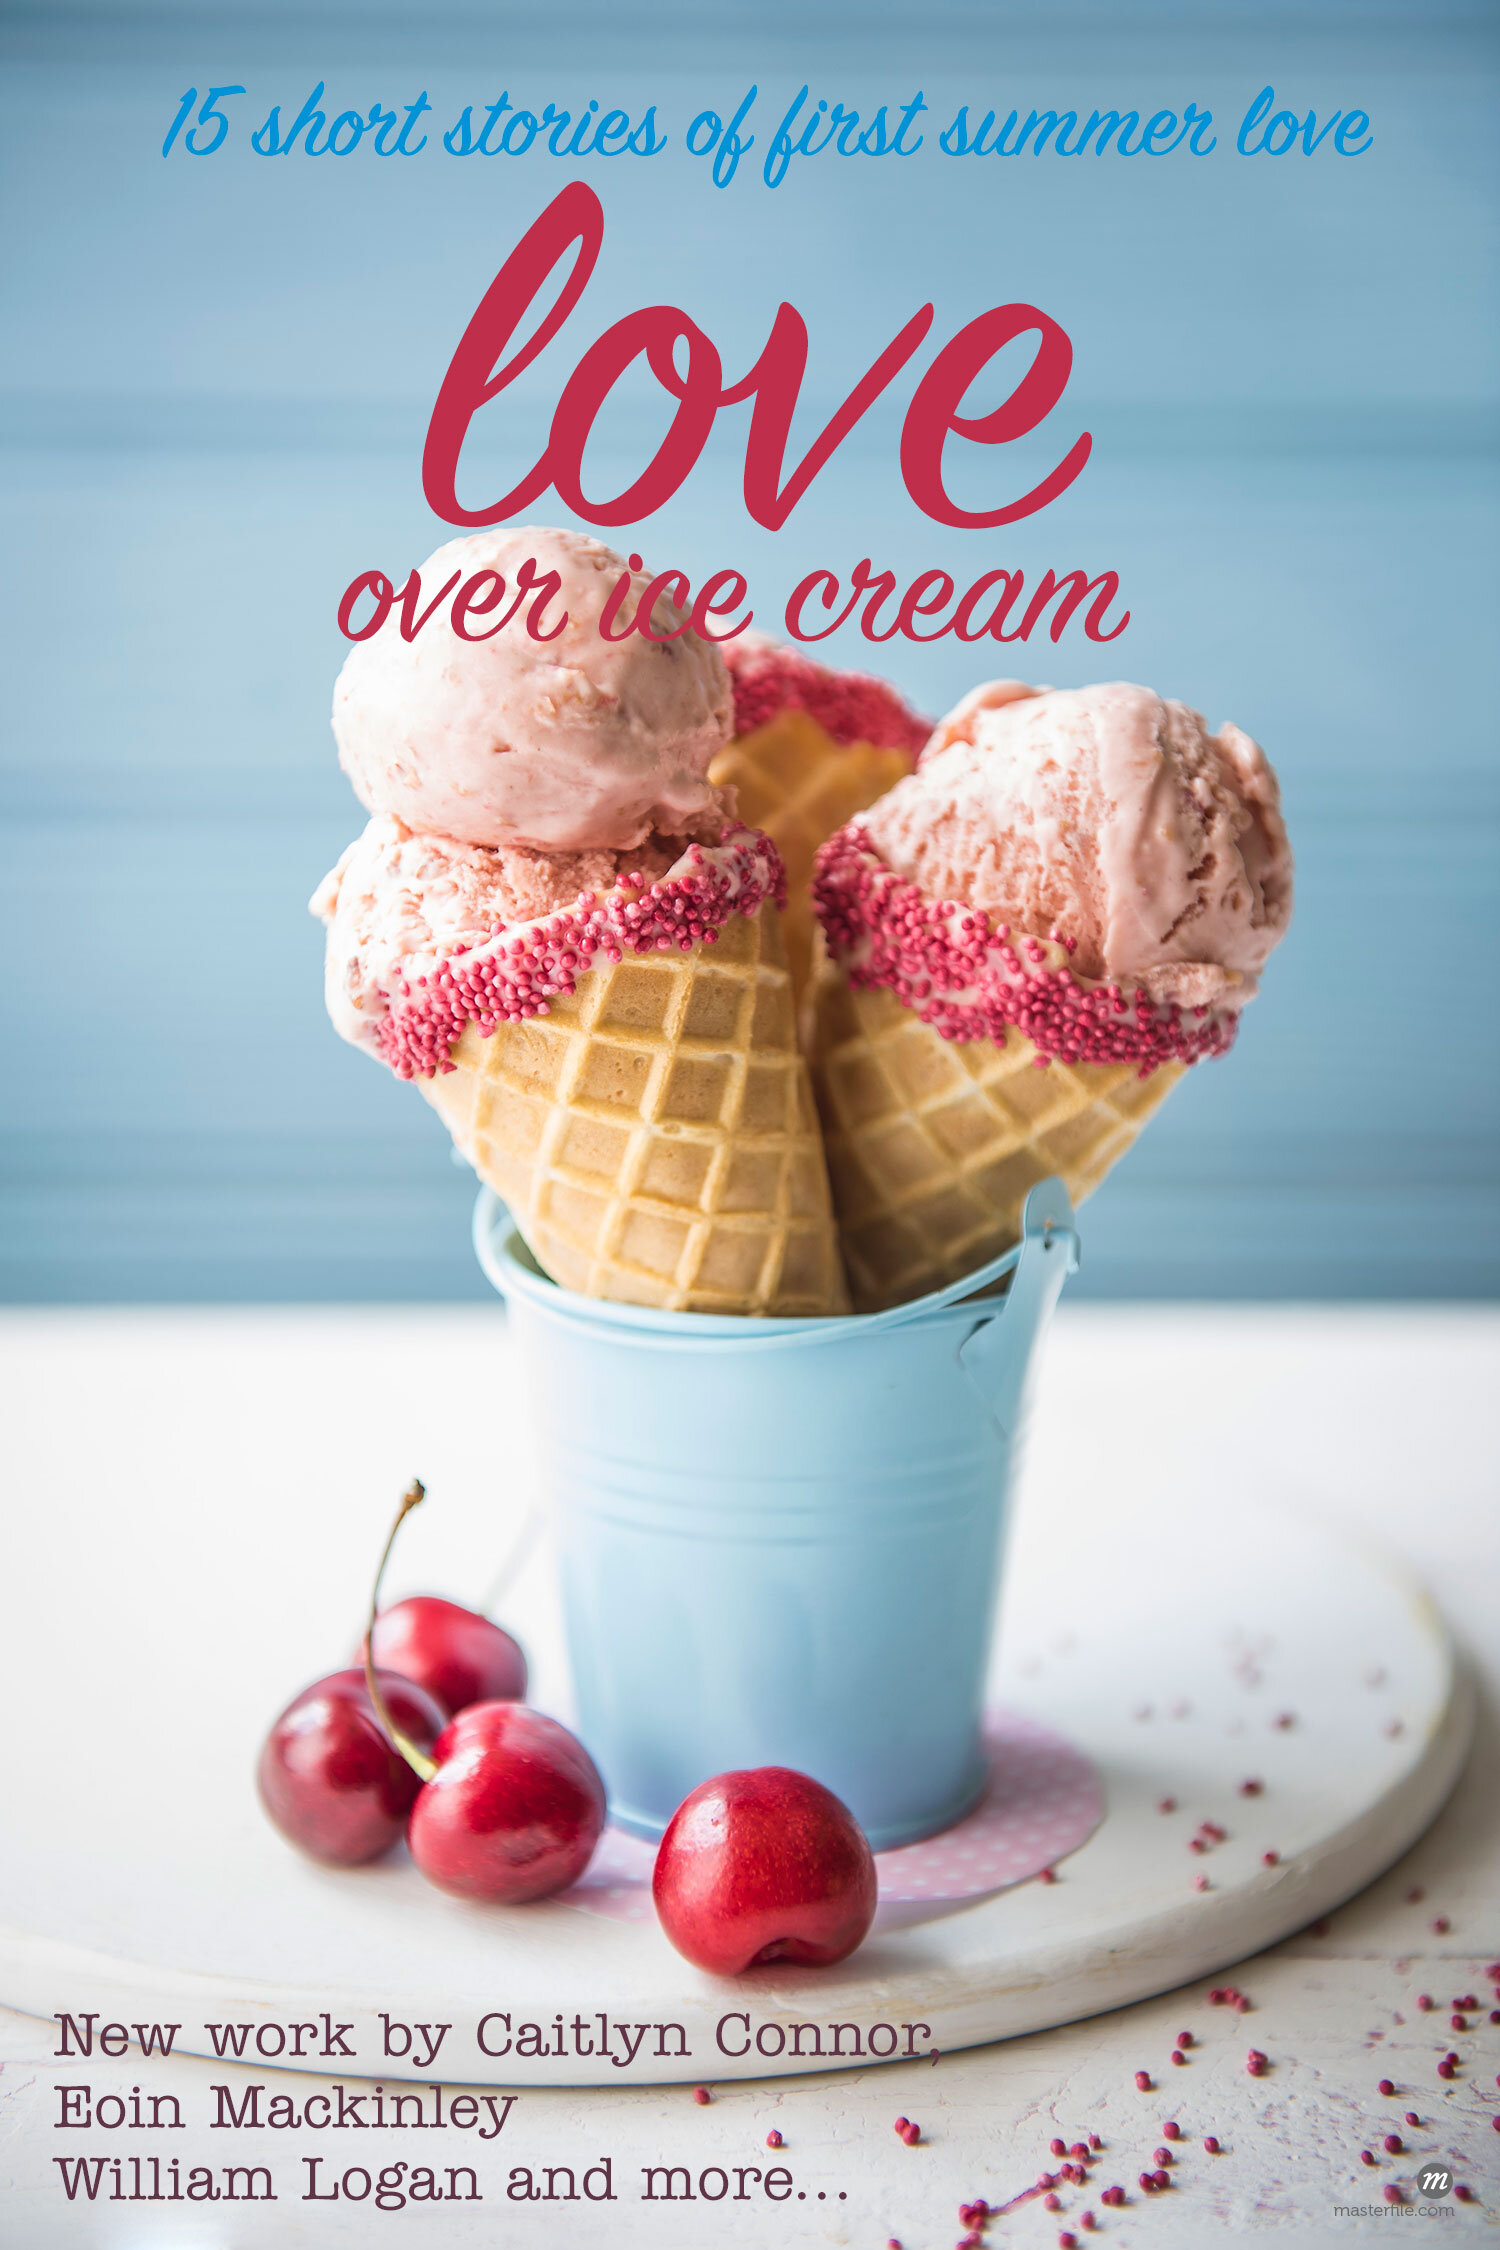 Cherry ice cream cones with cherries  © Masterfile